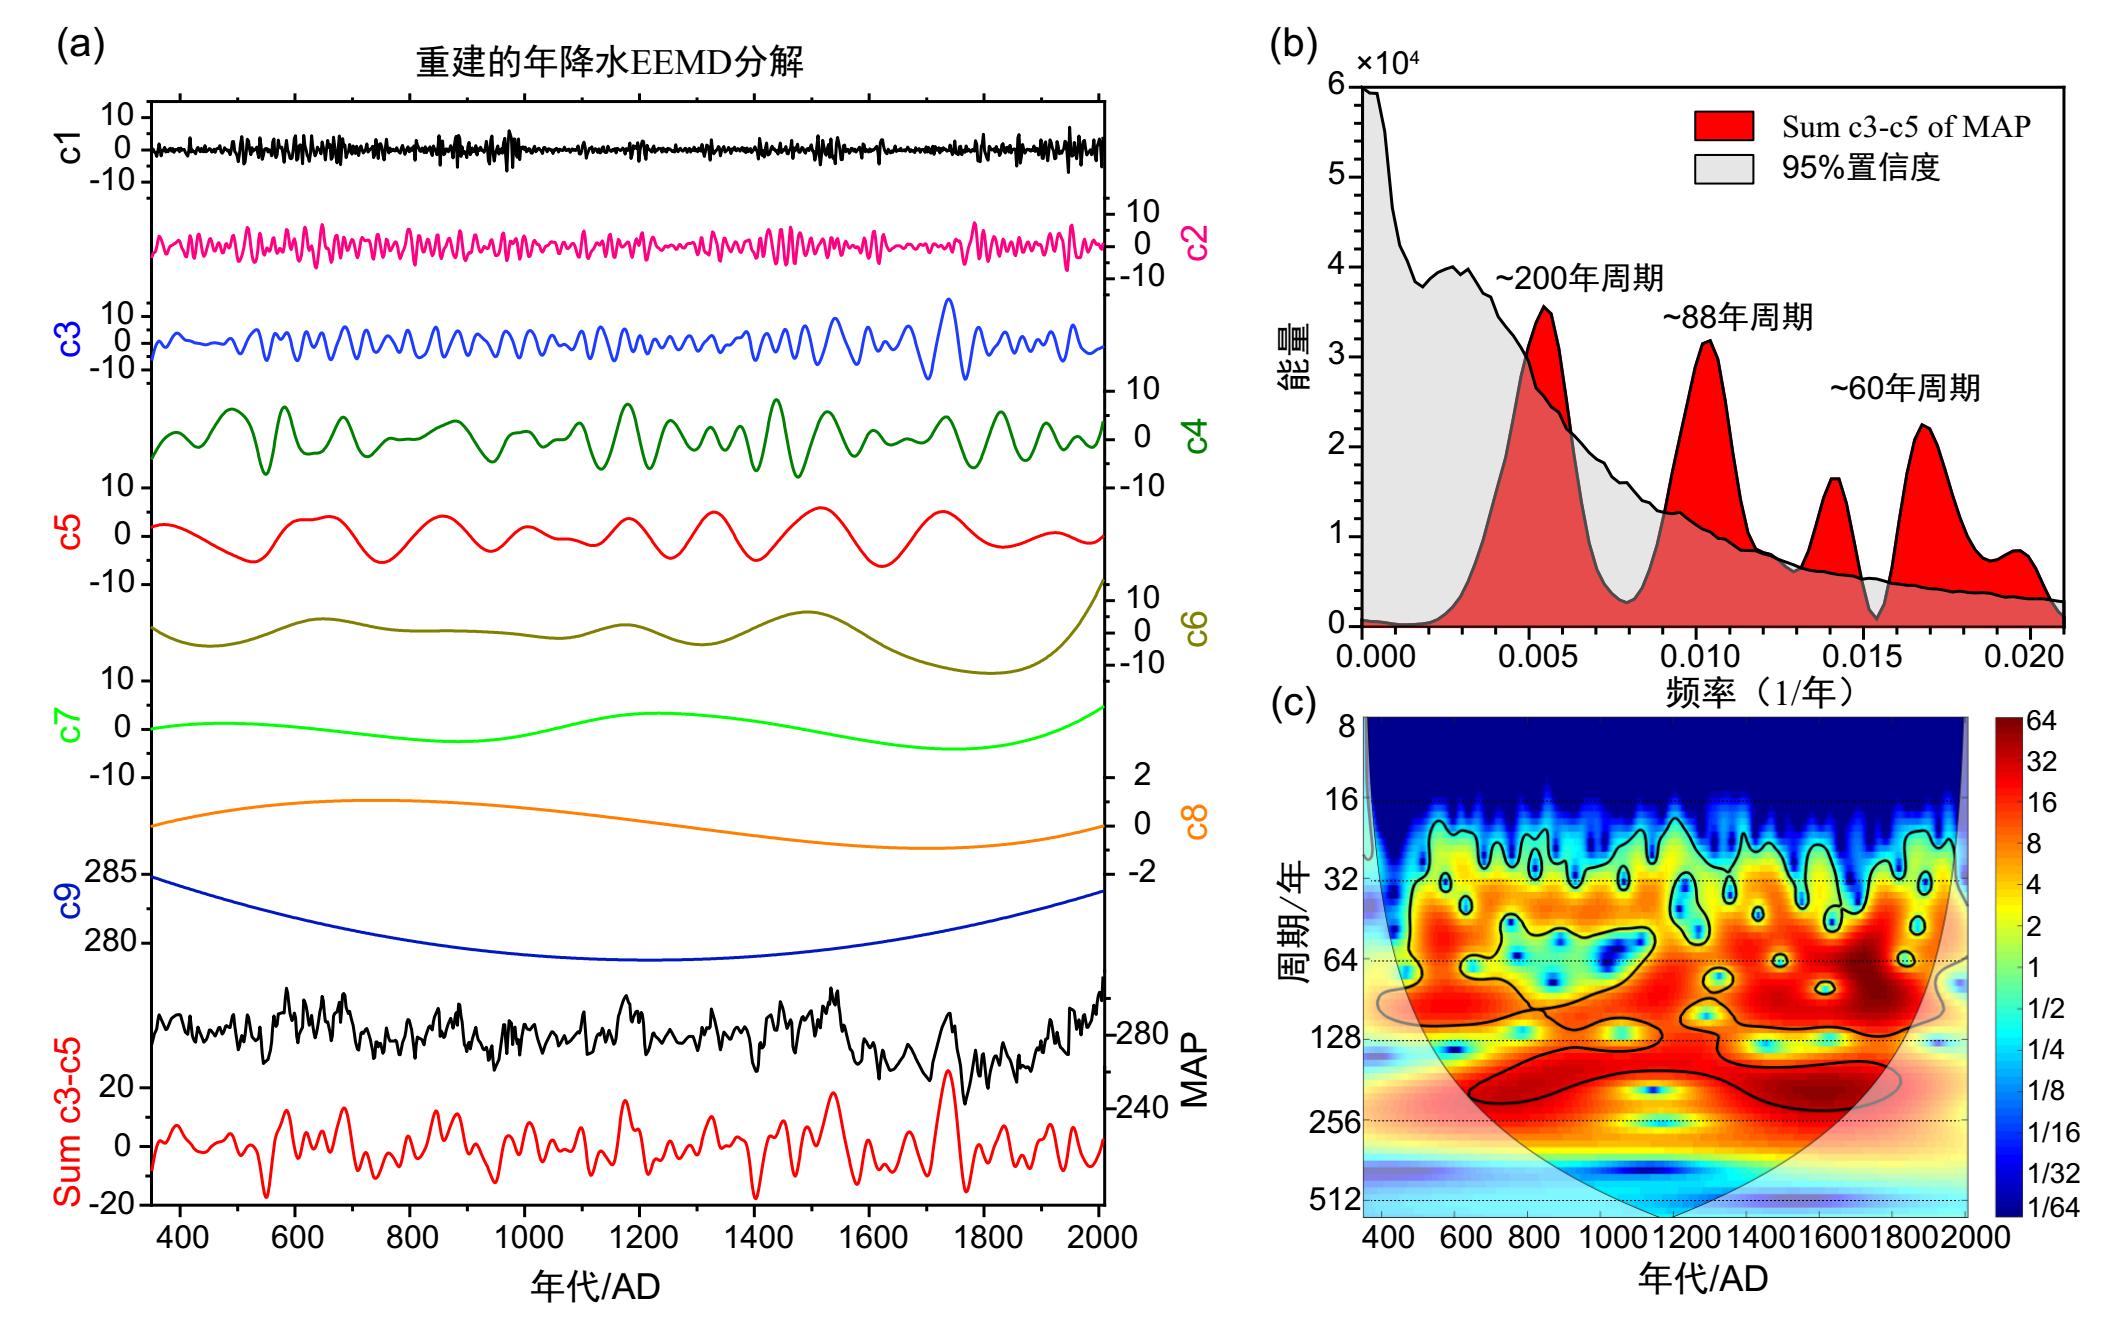 200、88、60年周期定量重建的年降水时间序列分析结果.png